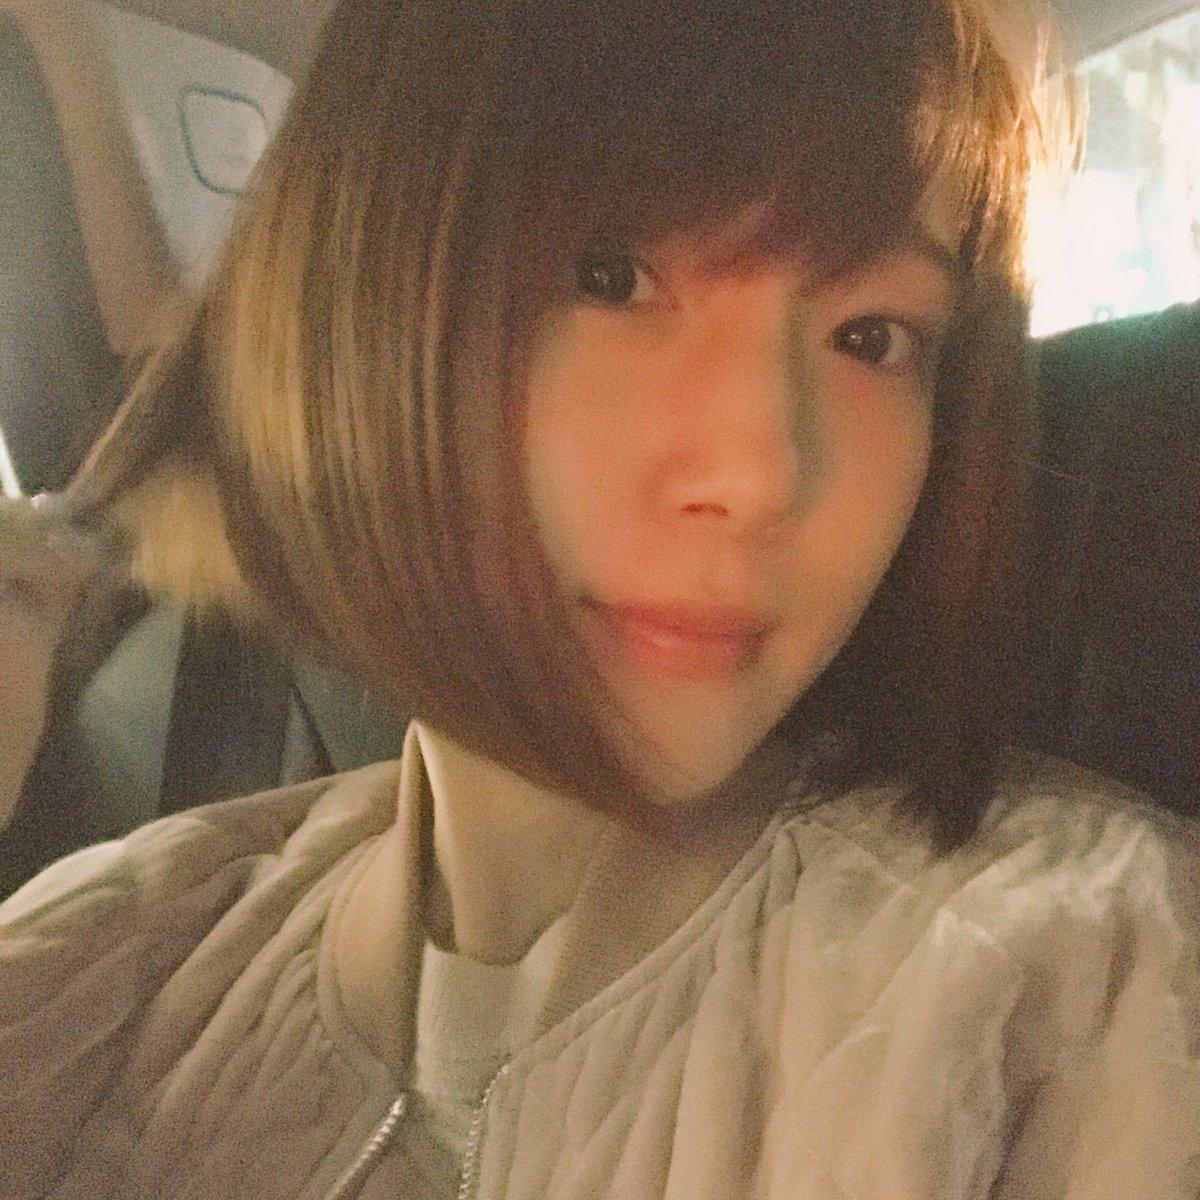 髪切った丸(^○^)みじかめのボブです。あと暗いからわかりにくいけど、ピンクいれたよー! pic.twitter.com/h7nHRXEq5J